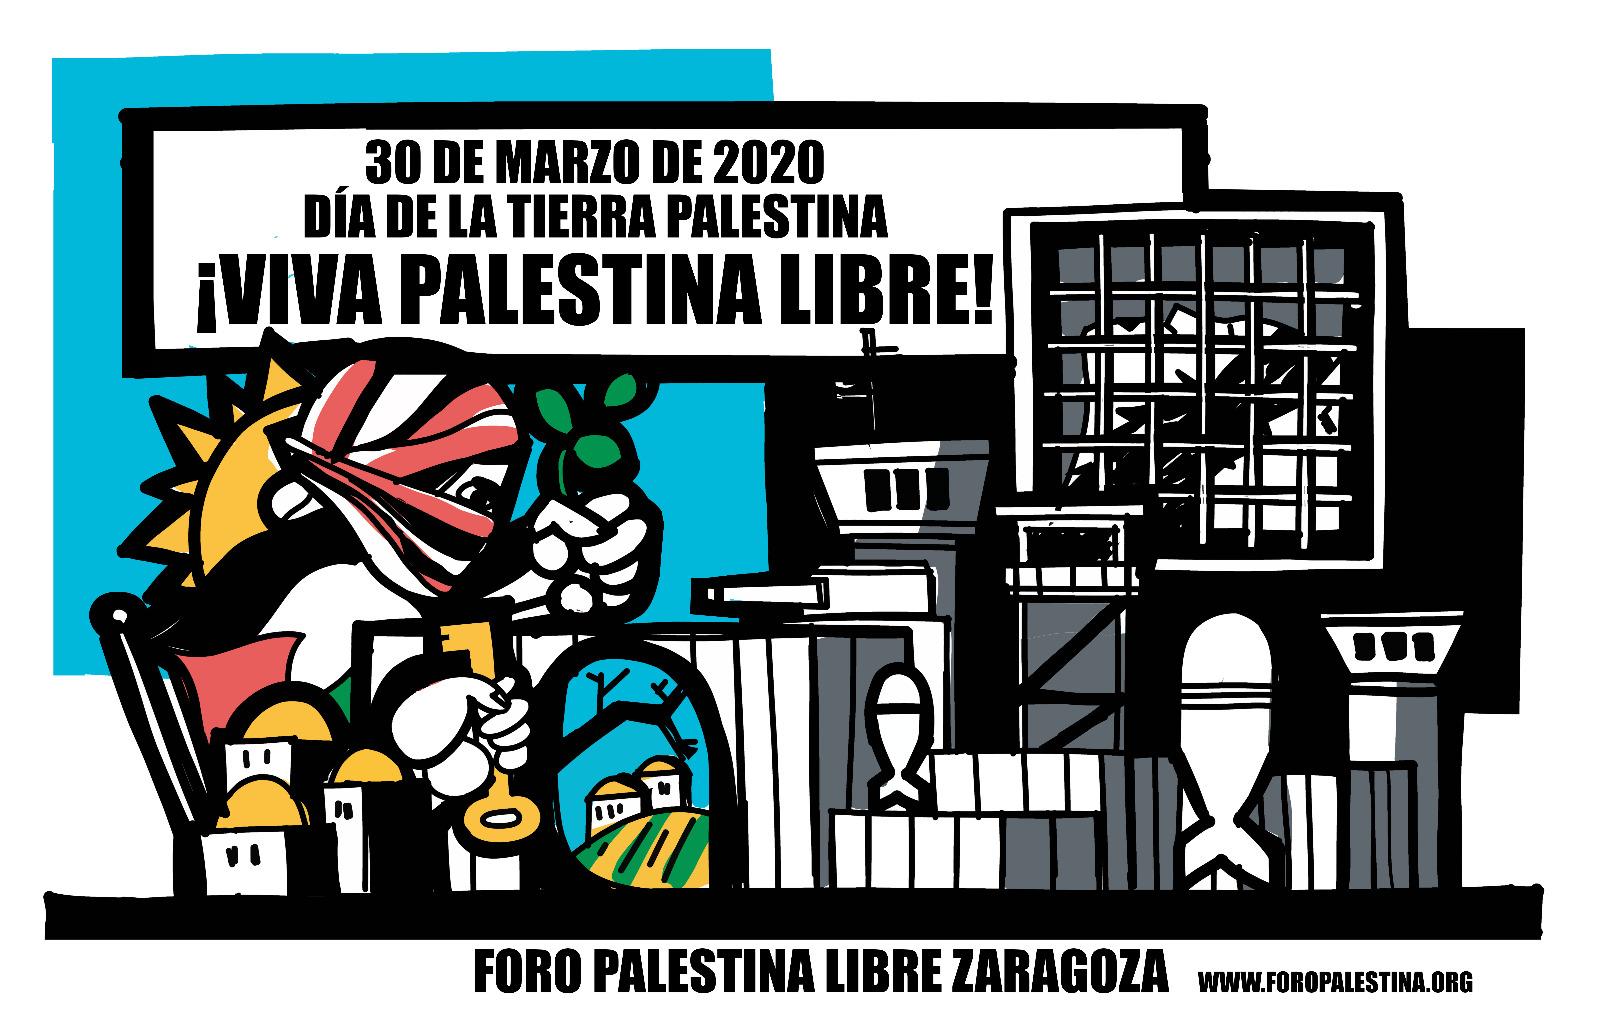 30 de Marzo de 2020. Dia de la Tierra Palestina.¡¡PALESTINA LIBRE!!